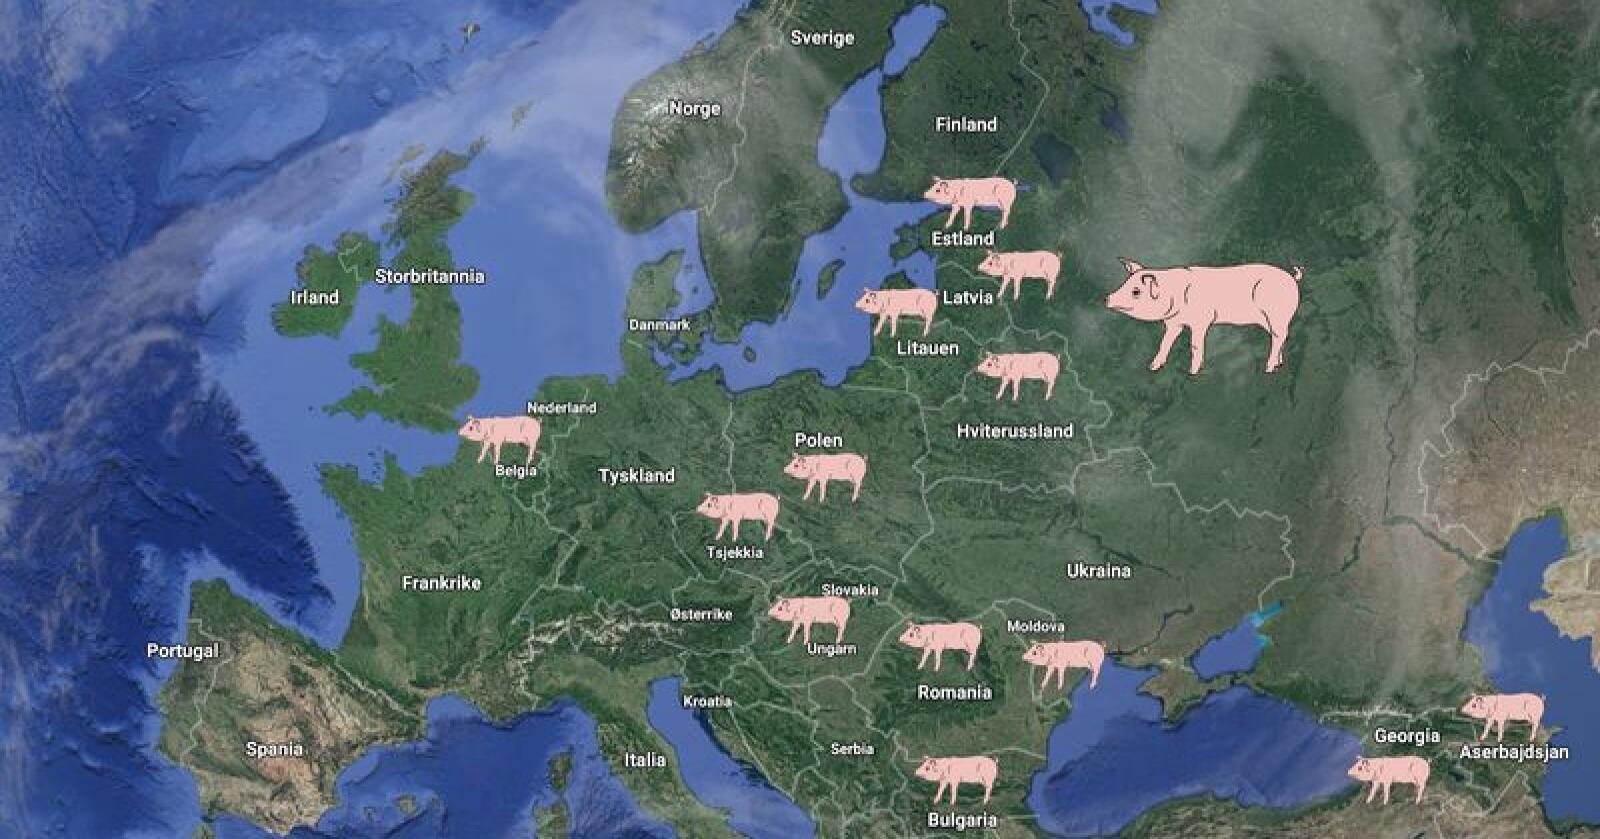 Afrikansk svinepest har kommet til stadig flere land i Europa. Ennå har ikke den fryktede sykdommen rammet Skandinavia. Foto: Google/Maps Illustrasjon Bondebladet